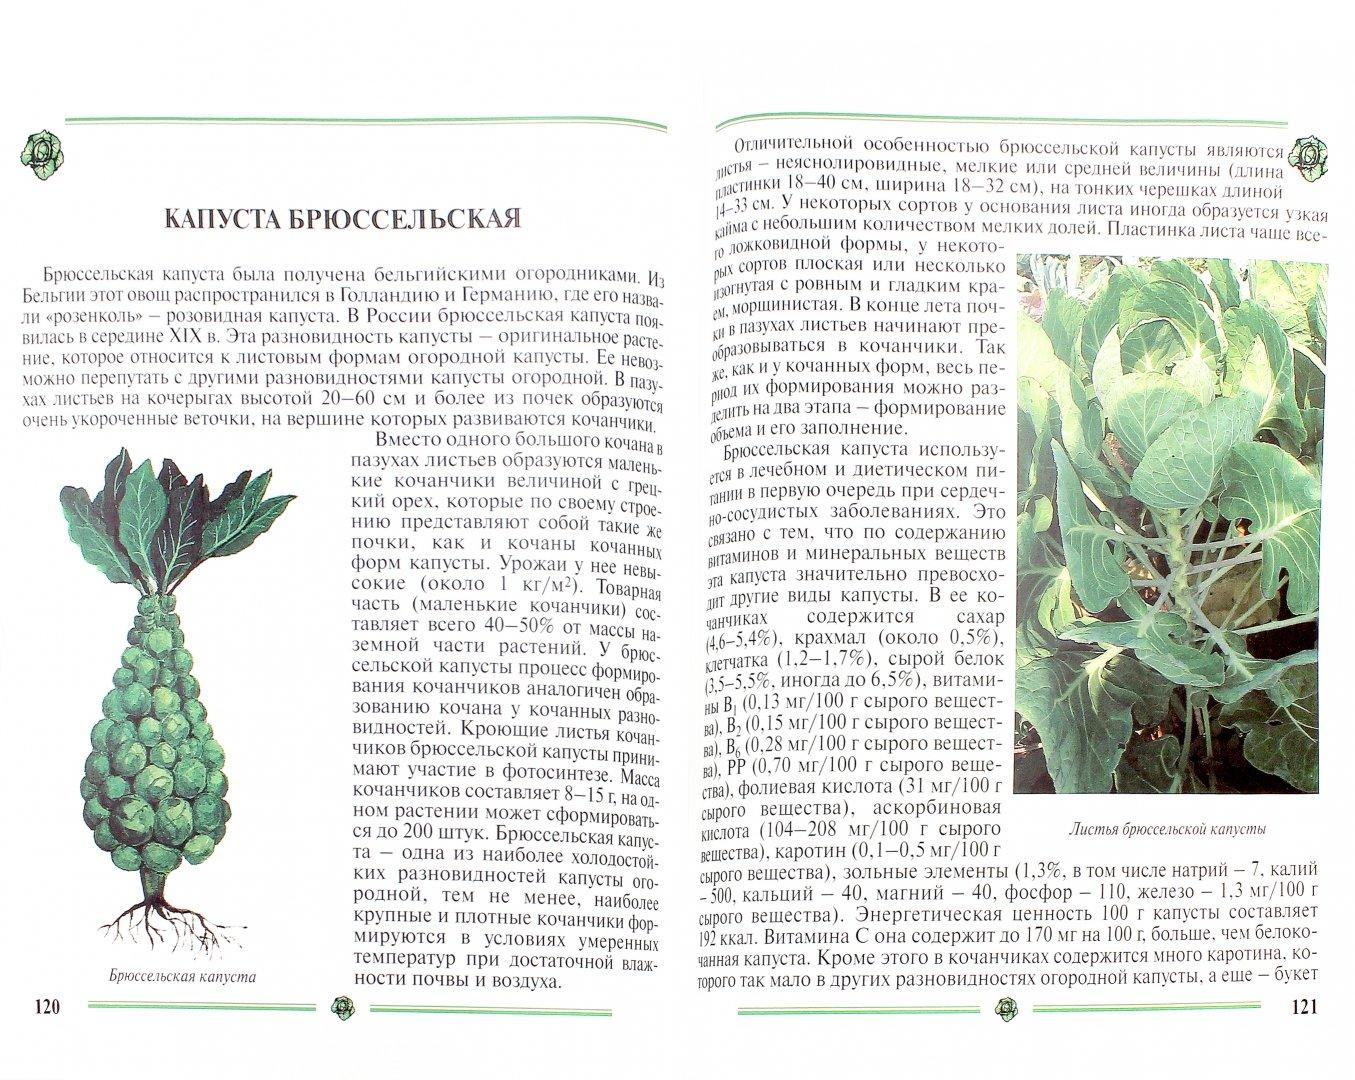 Иллюстрация 1 из 35 для Капуста. Пособие для садоводов-любителей - Пыльнева, Морозова | Лабиринт - книги. Источник: Лабиринт